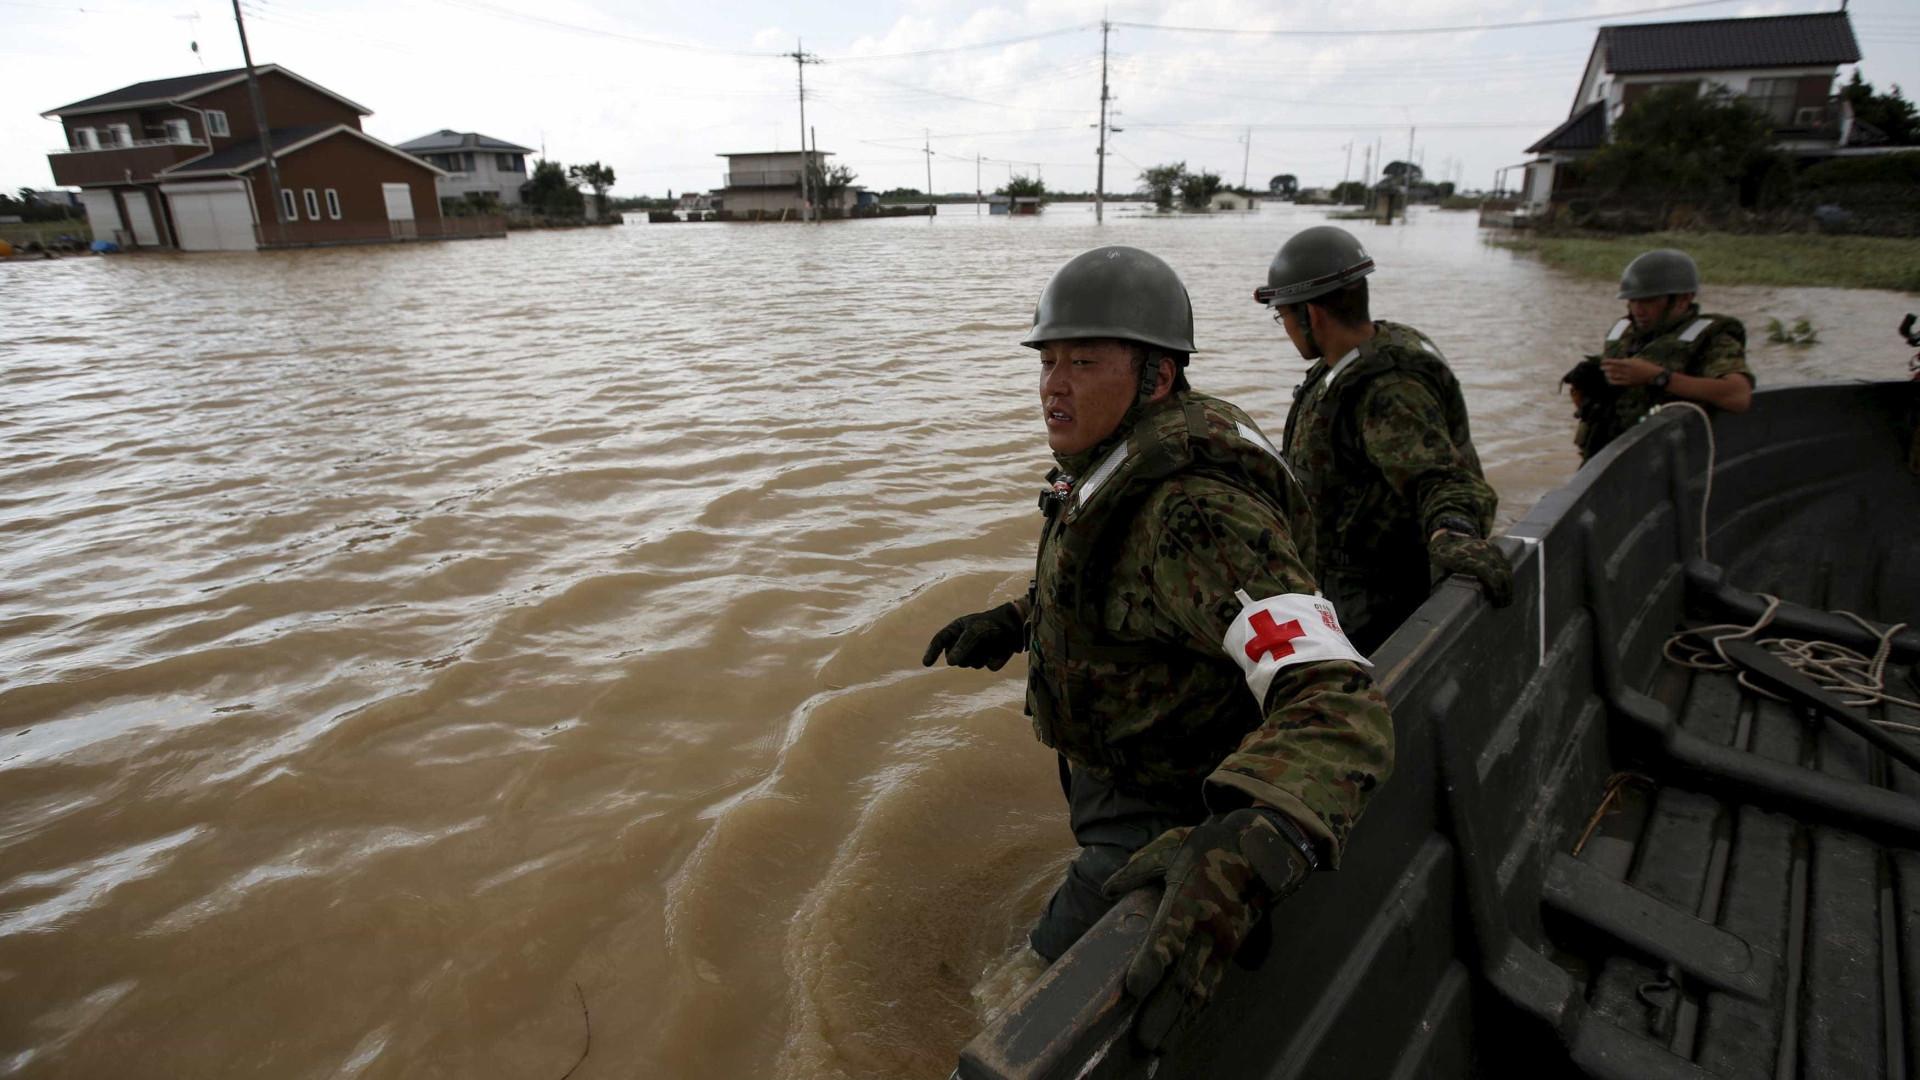 Seis mortos e 20 desaparecidos em inundações no Japão